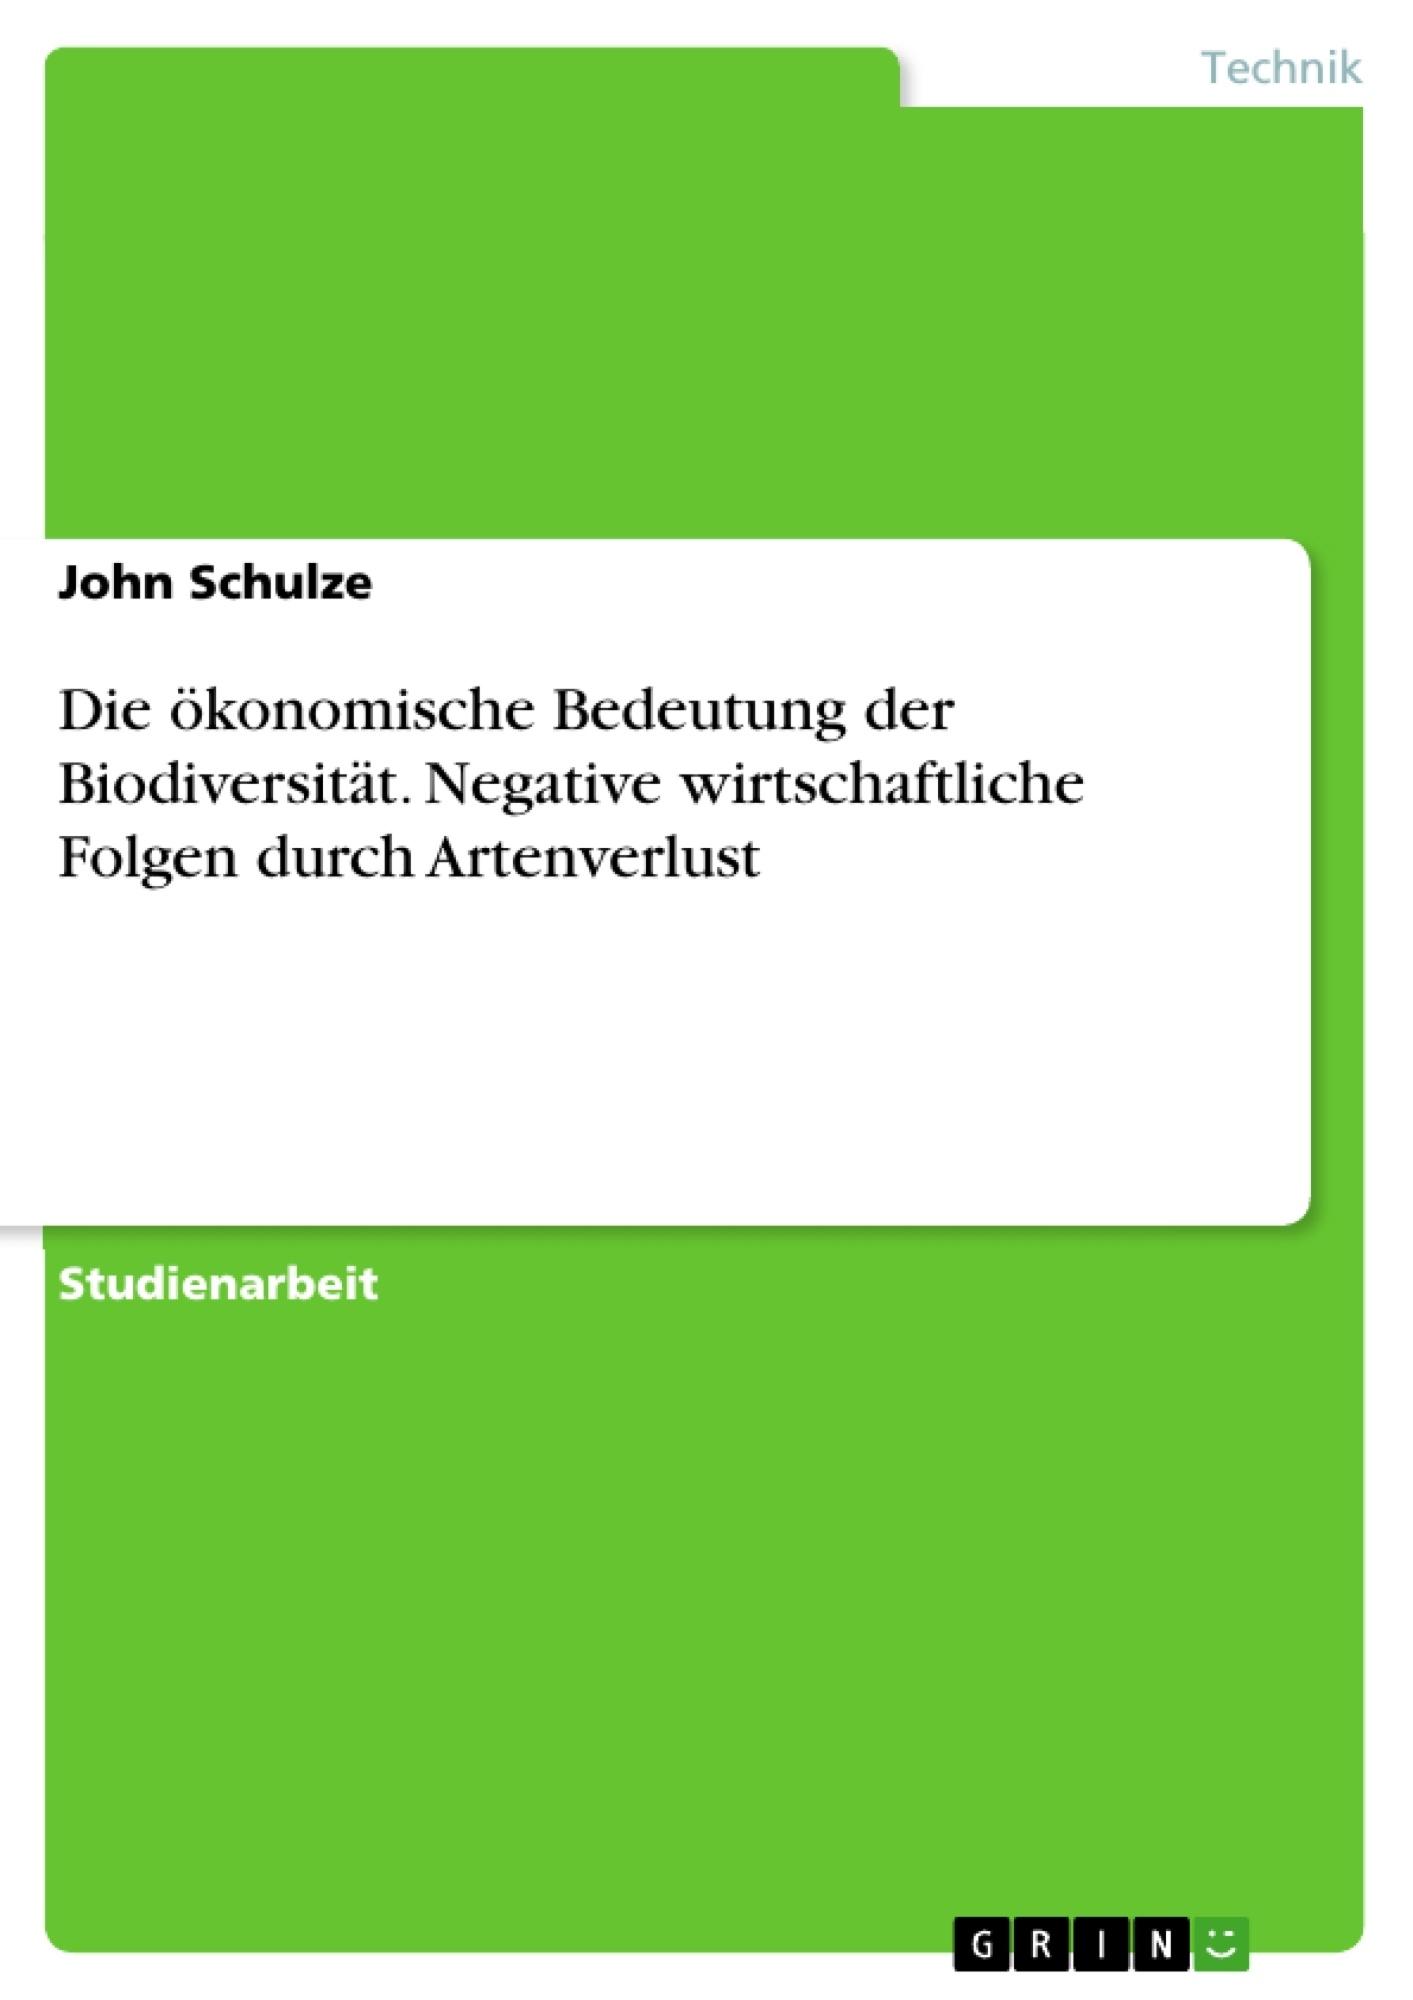 Titel: Die ökonomische Bedeutung der Biodiversität. Negative wirtschaftliche Folgen durch Artenverlust